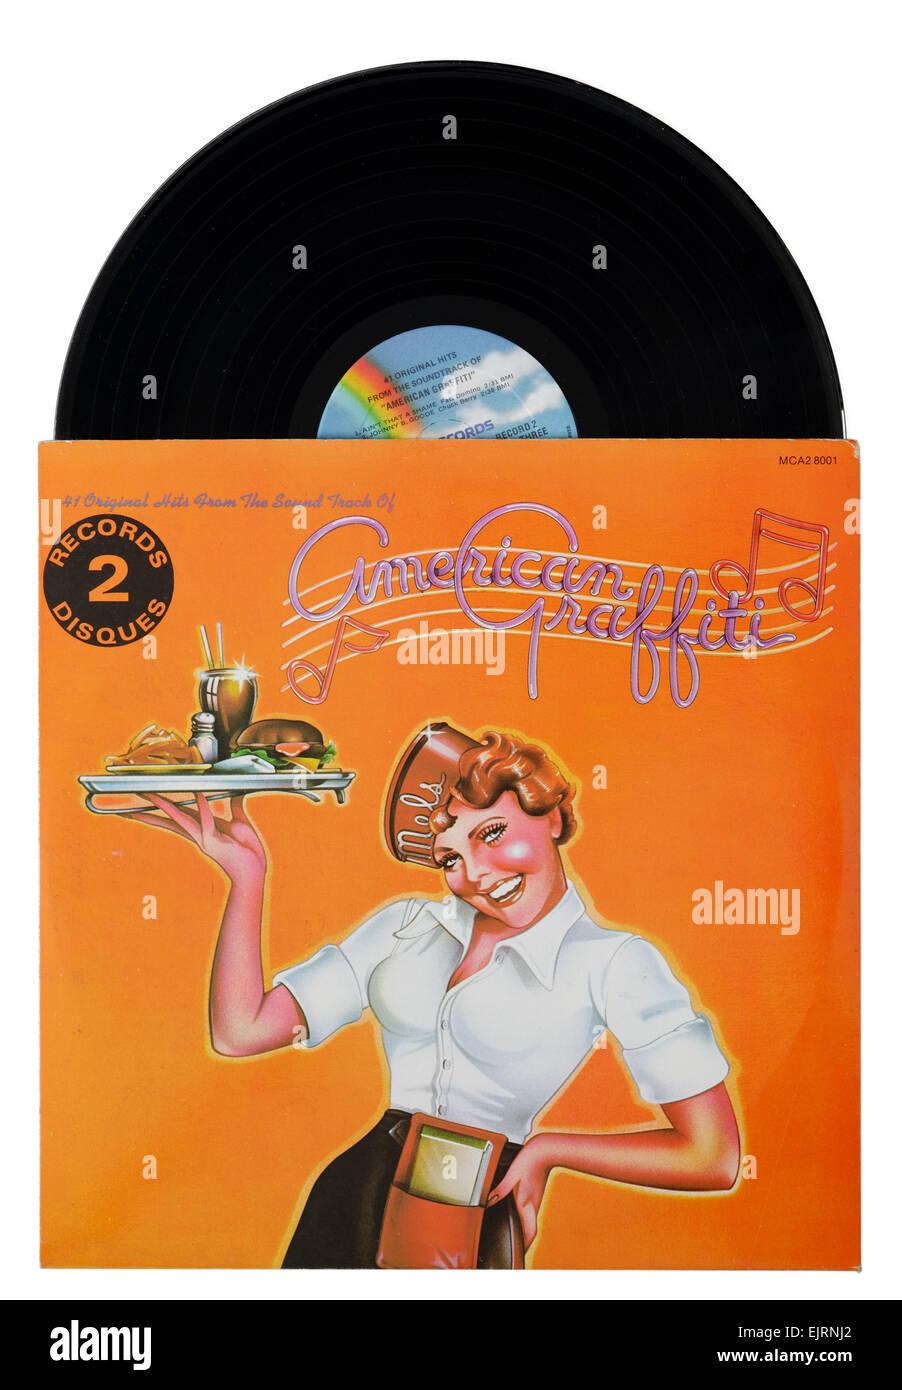 American Graffiti Film Soundtrack Album Stock Image